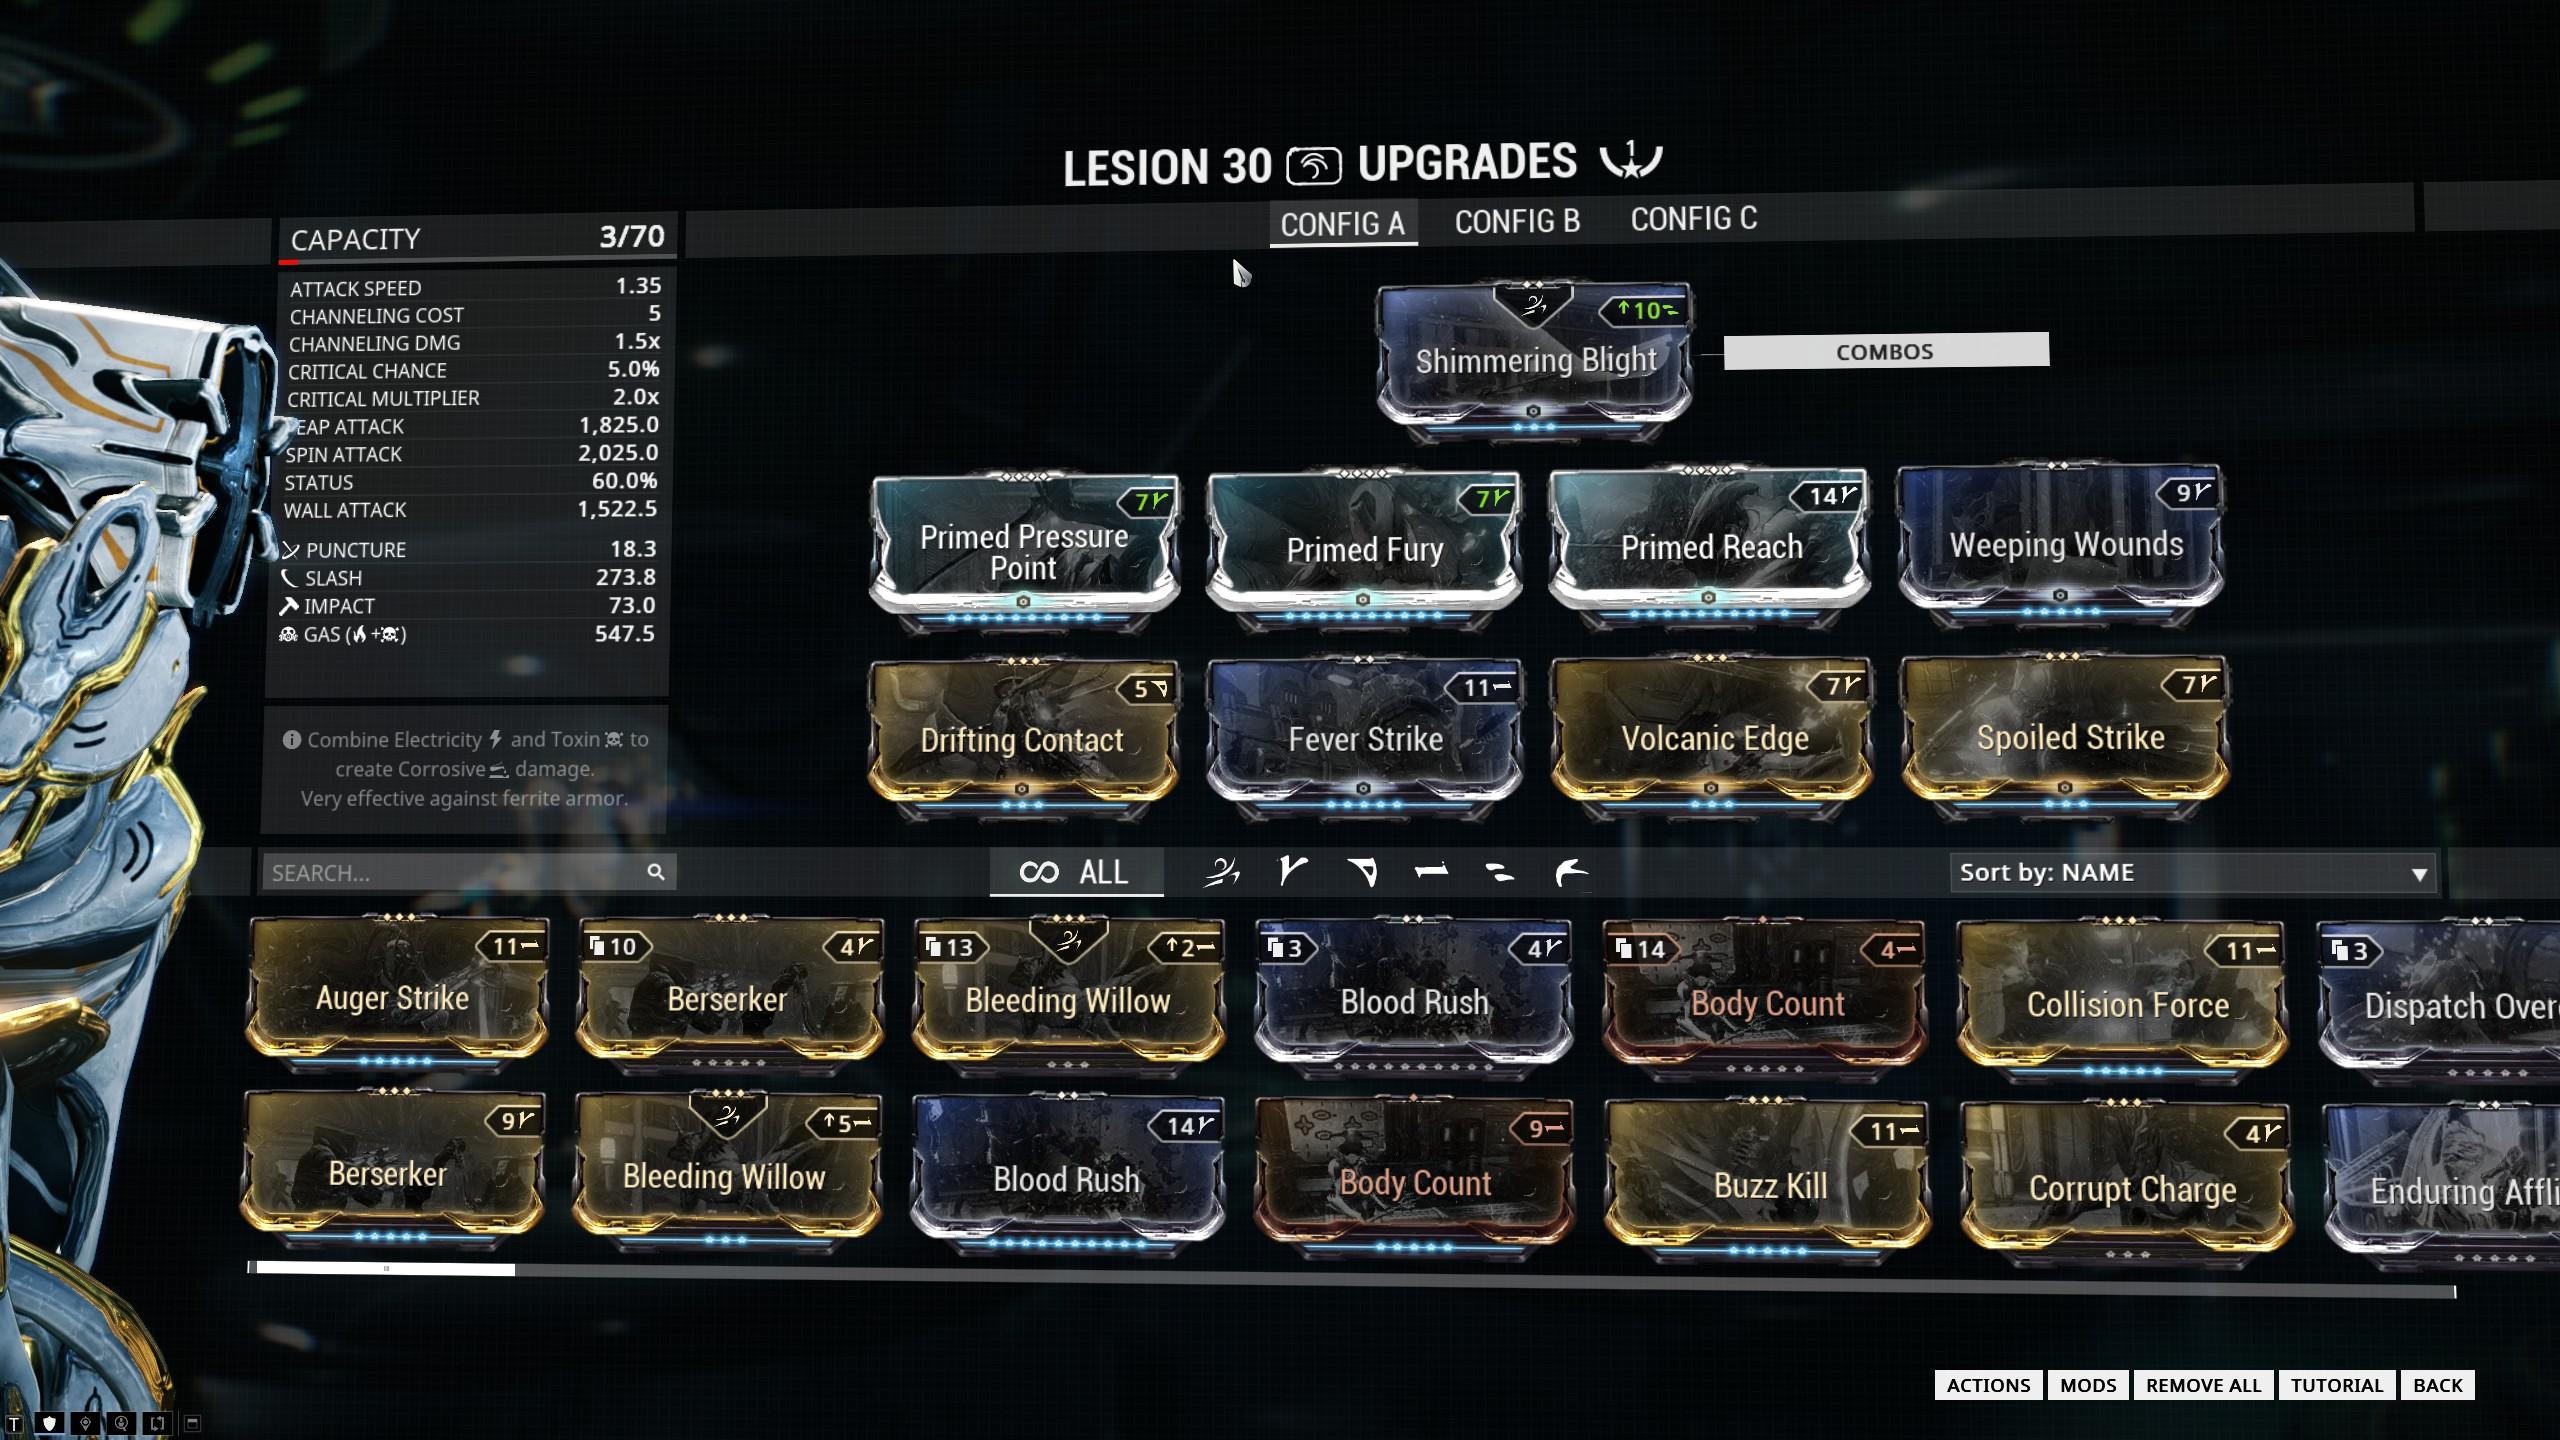 Lesion Build